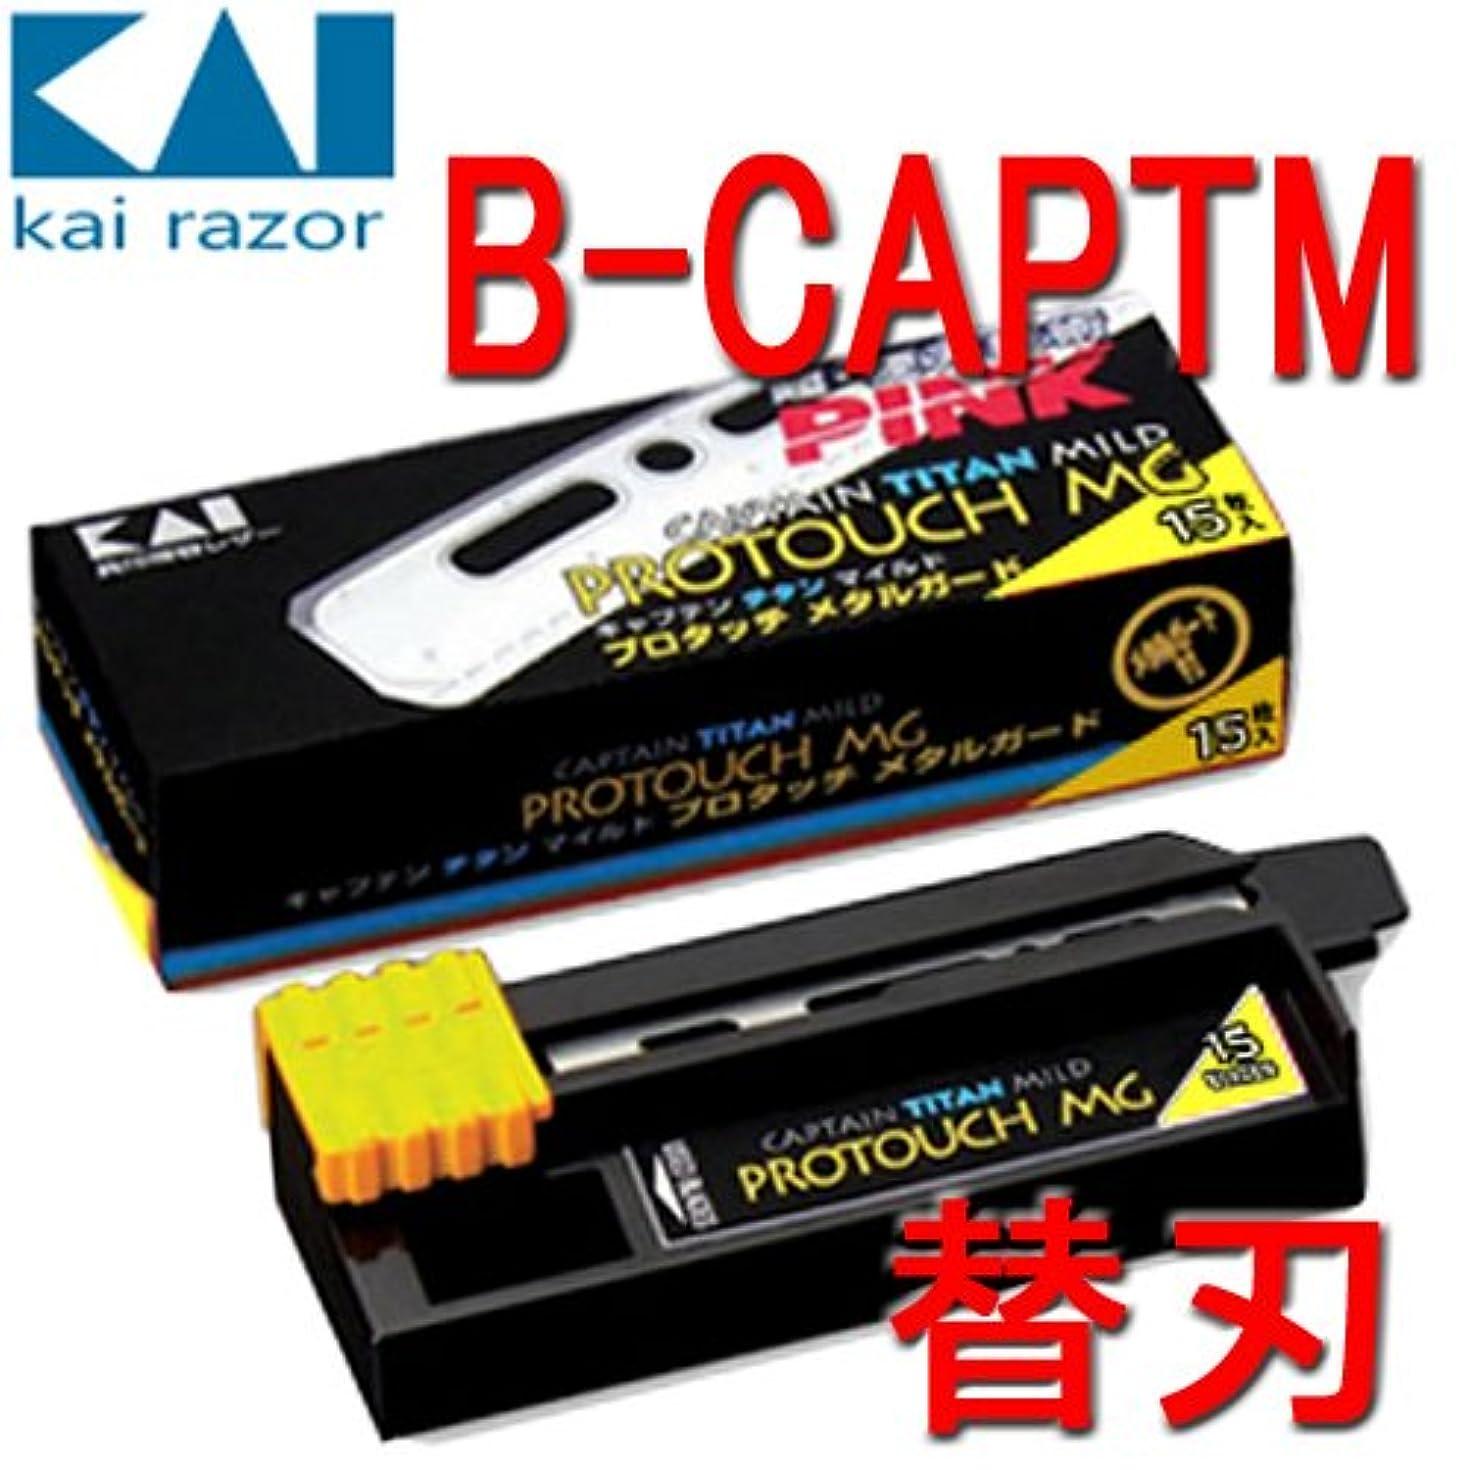 破壊的前書き最小化する【貝印カミソリ】 業務用 キャプテン-チタン-メタルガード15 (B-CAPTM)